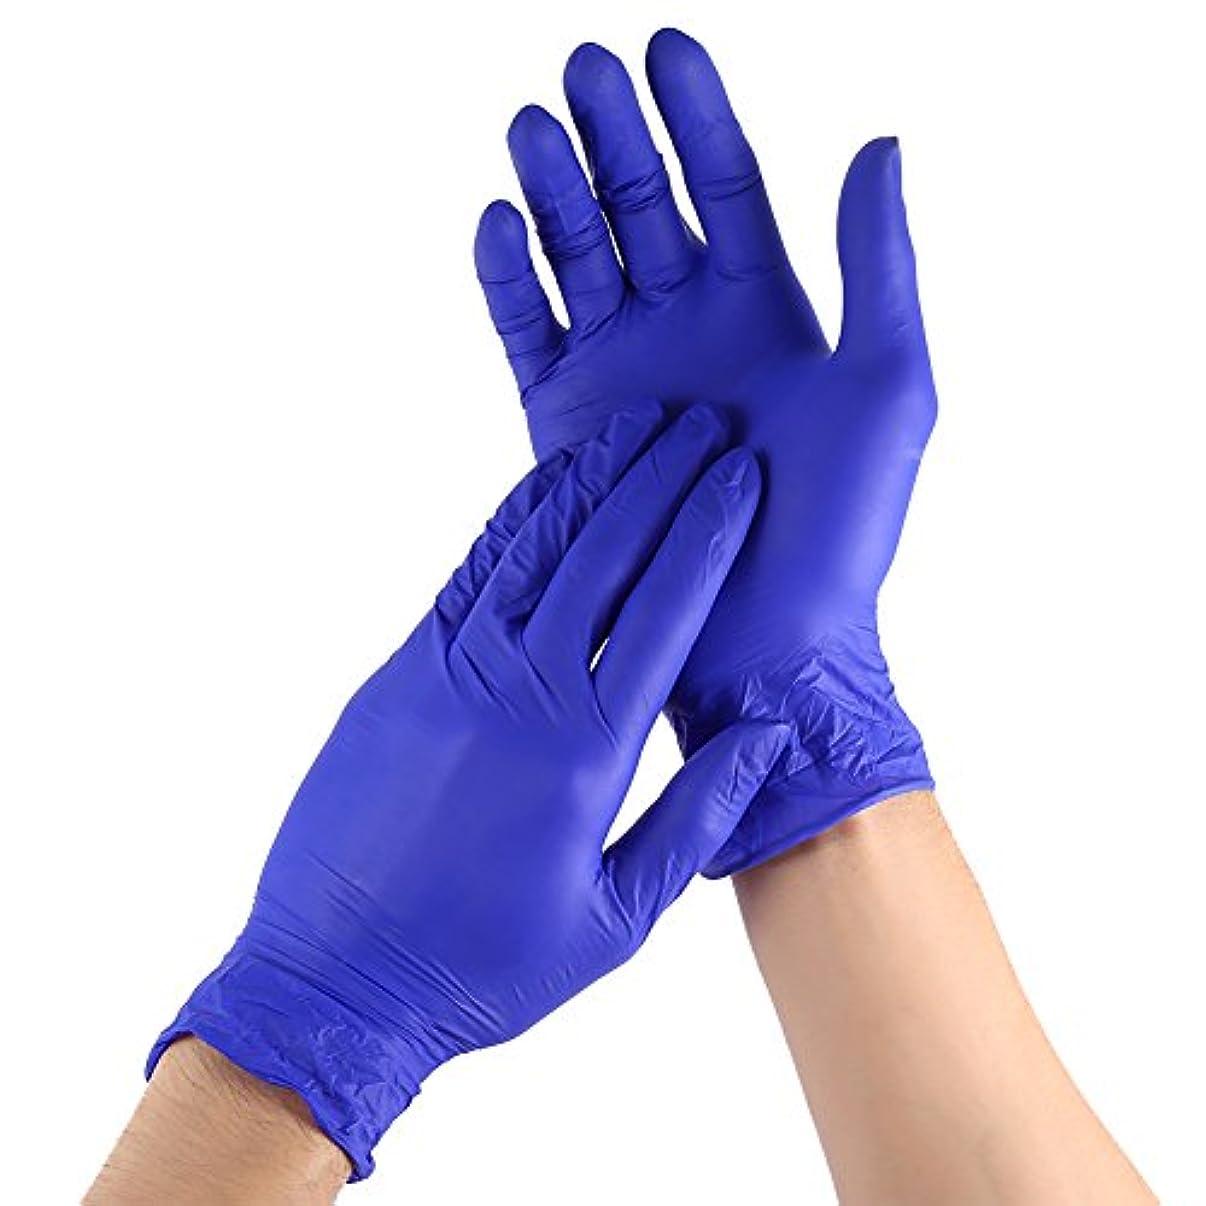 化学薬品メンターボート100枚セット 使い捨て手袋 ニトリルゴム手袋 薄い手袋 粉なし 手荒れ防止 メンズ レディース 左右兼用 伸縮性 三つサイズ選択可 作業用 家庭用 仕事 オフィス (S)